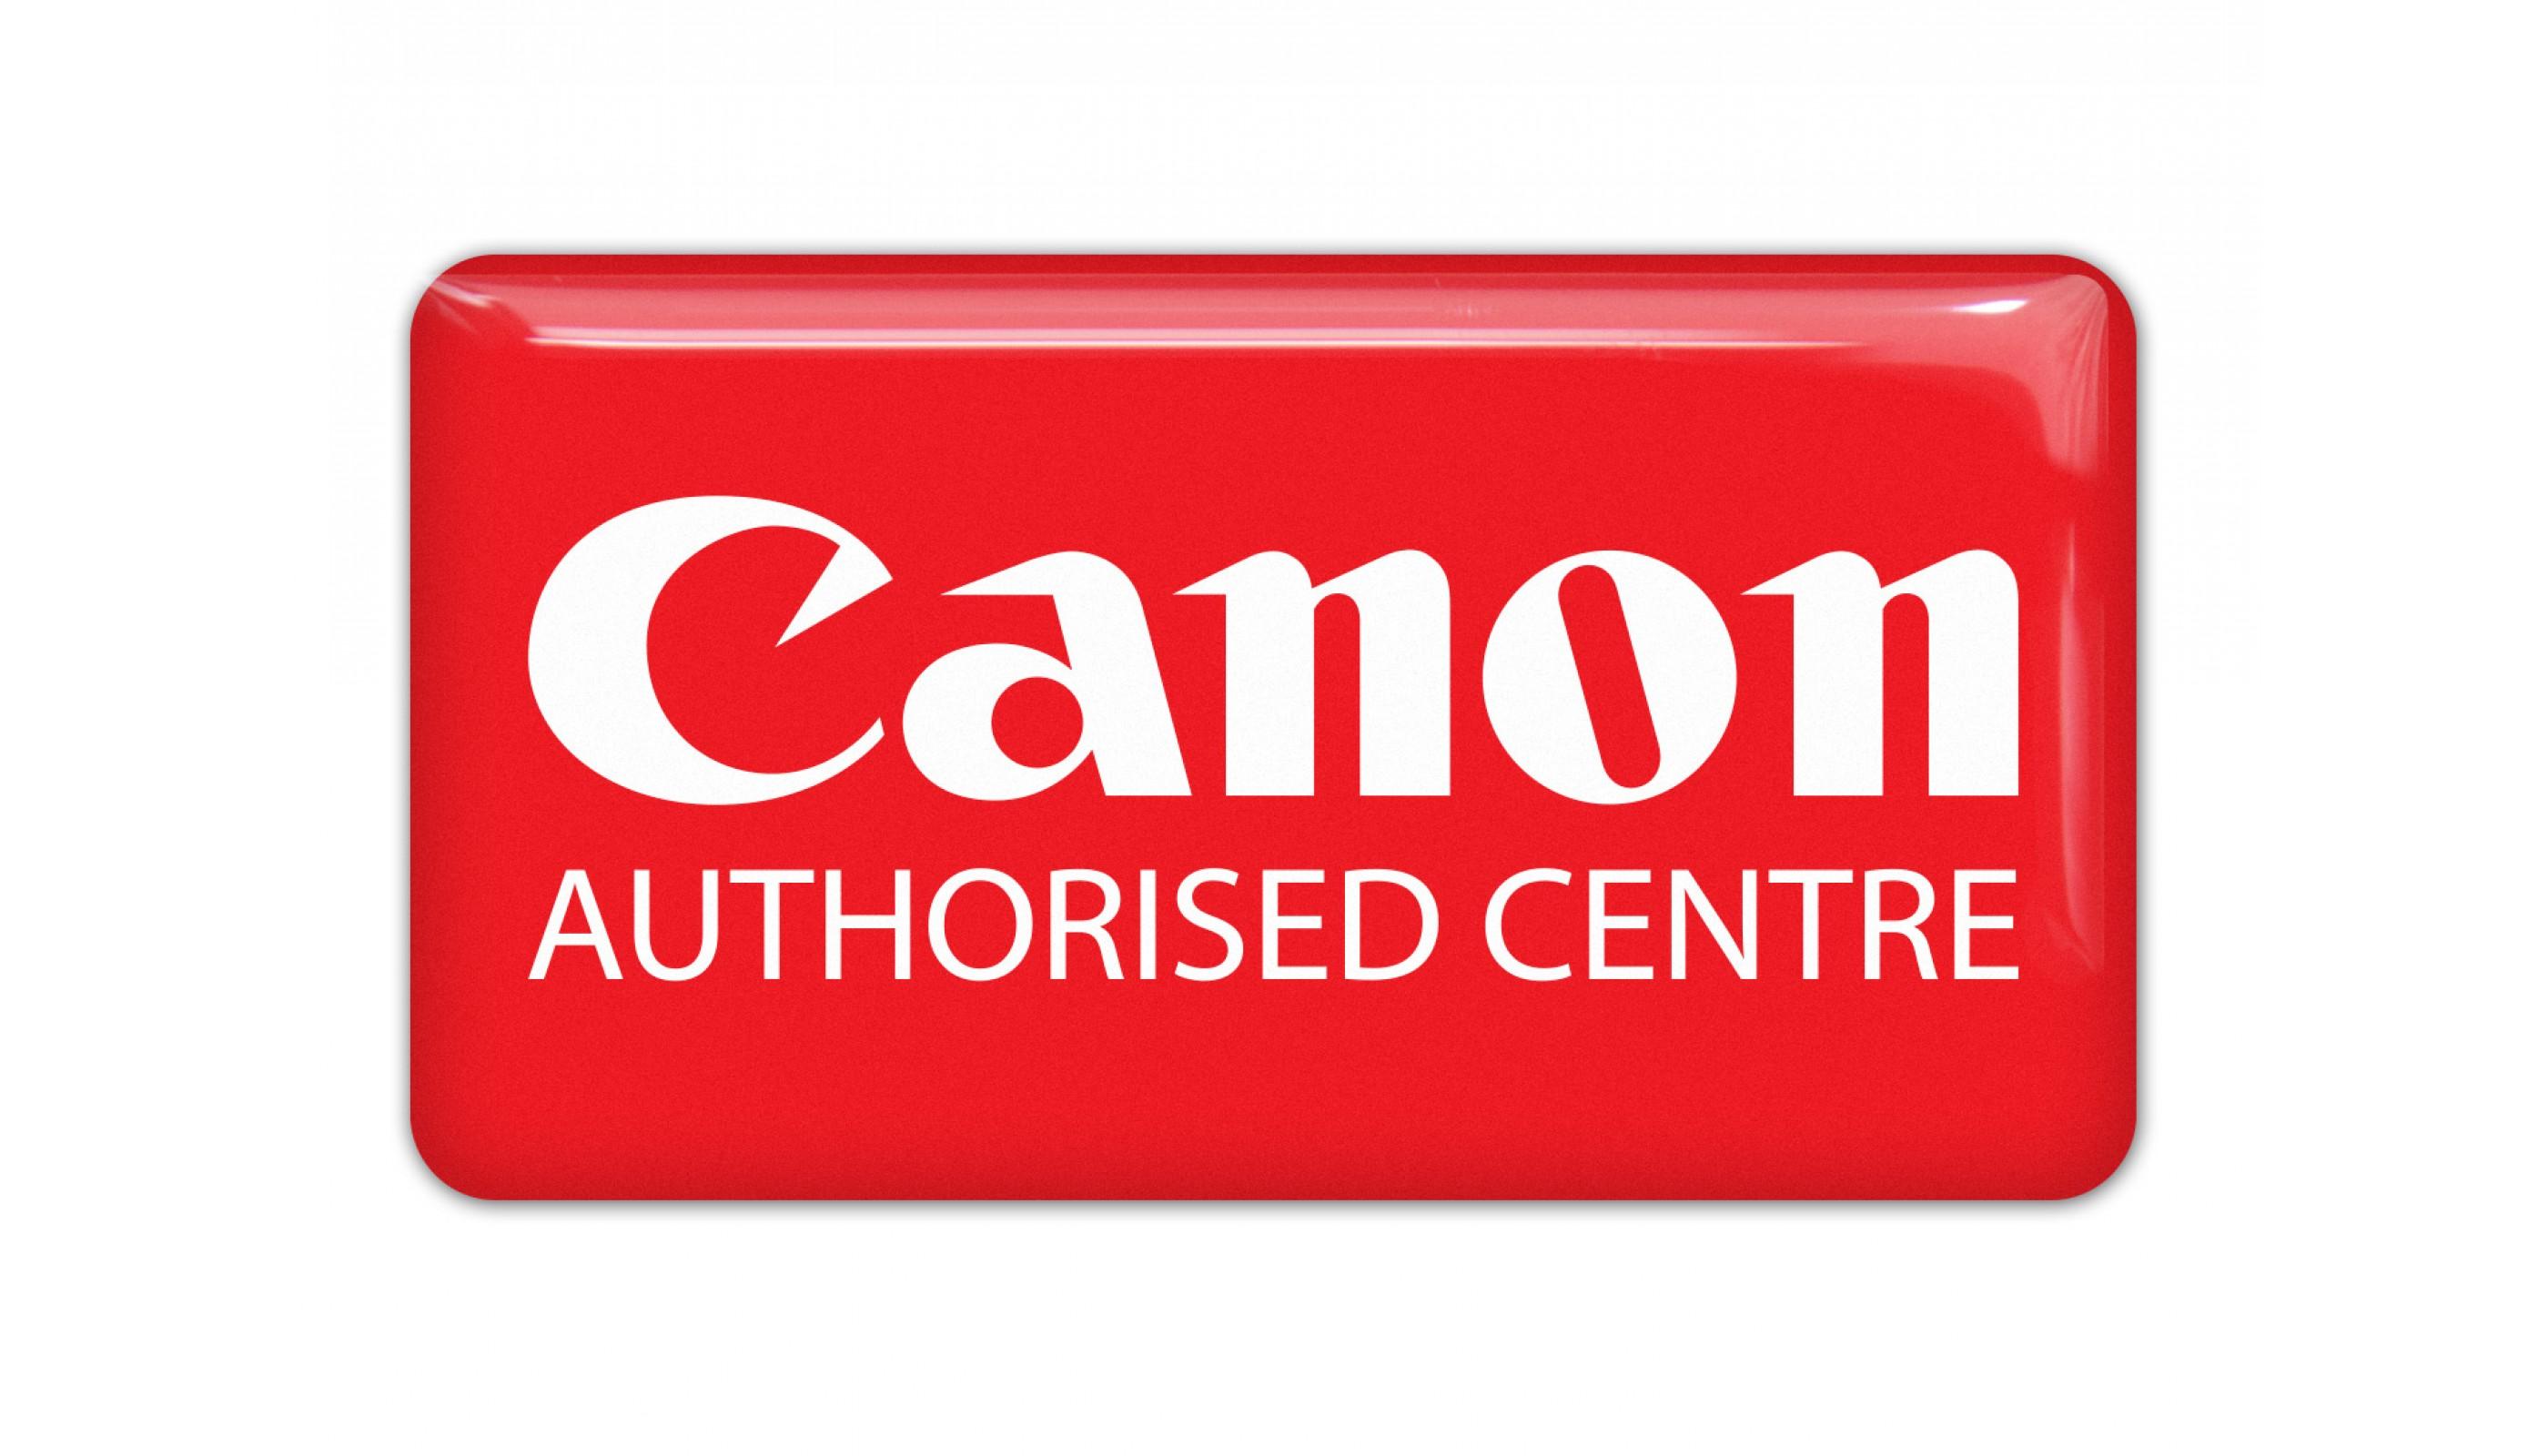 Canon Authorised Centre